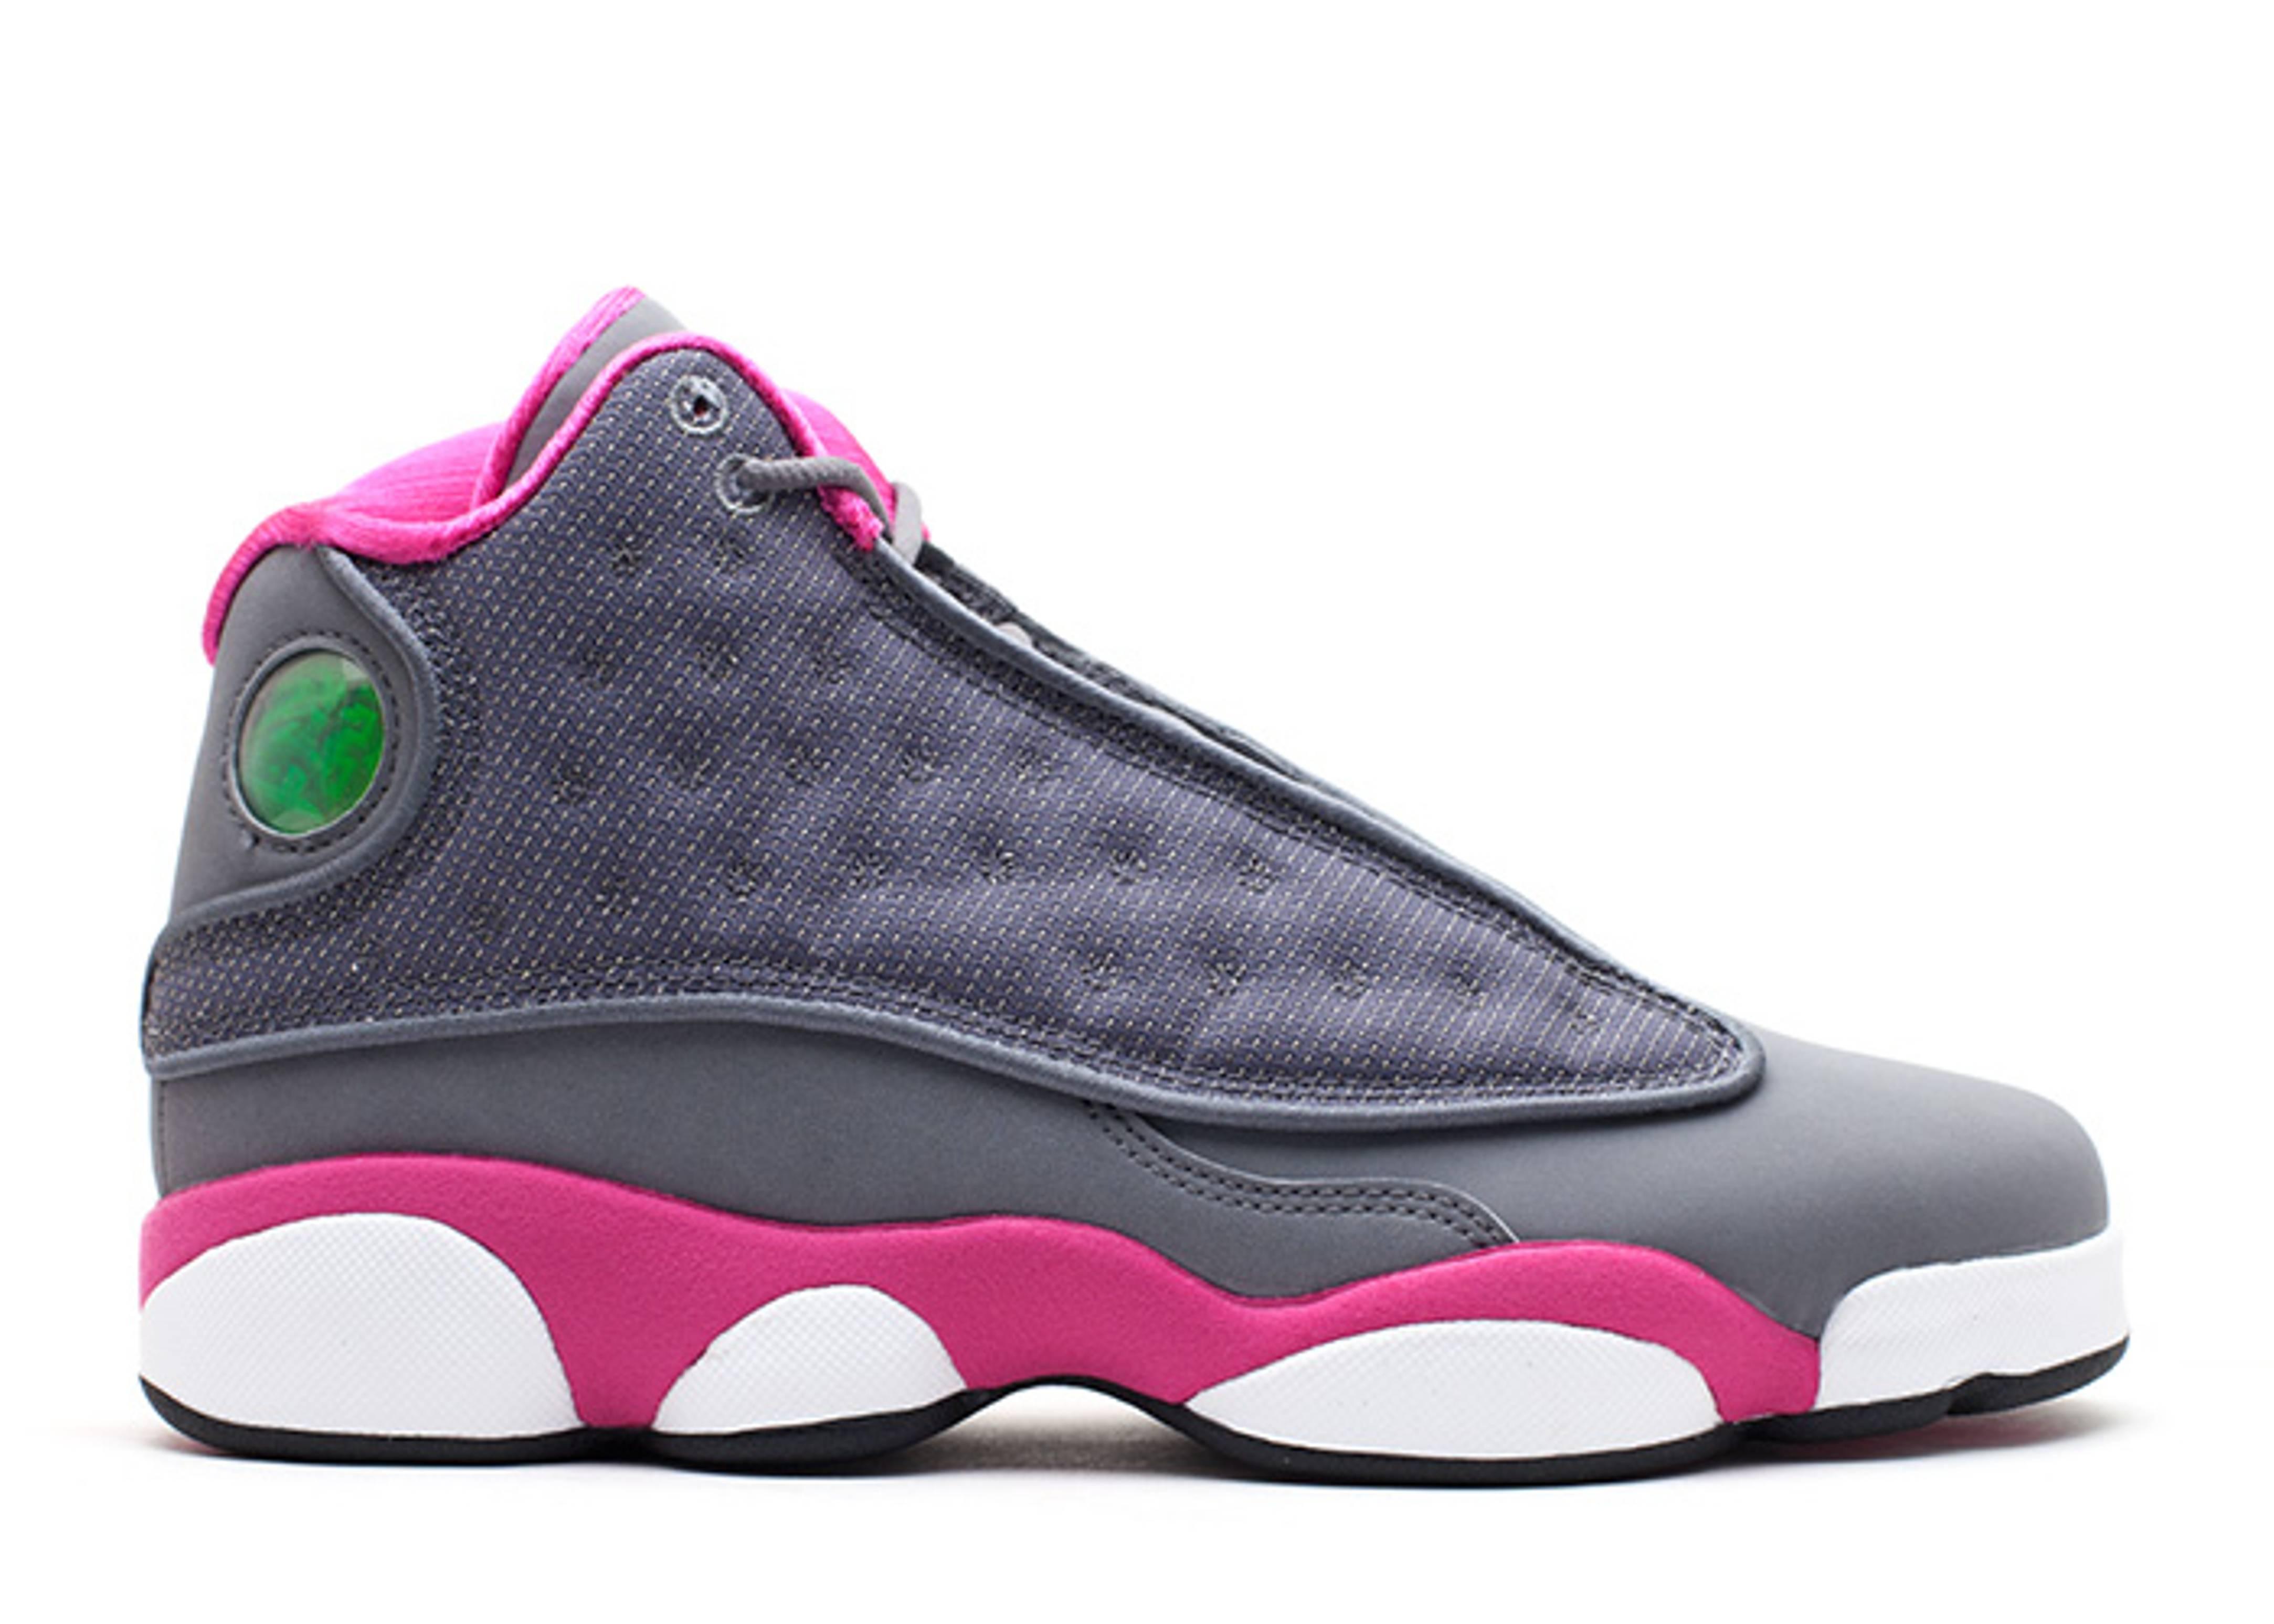 jordan 13 pink and gray ab116c636